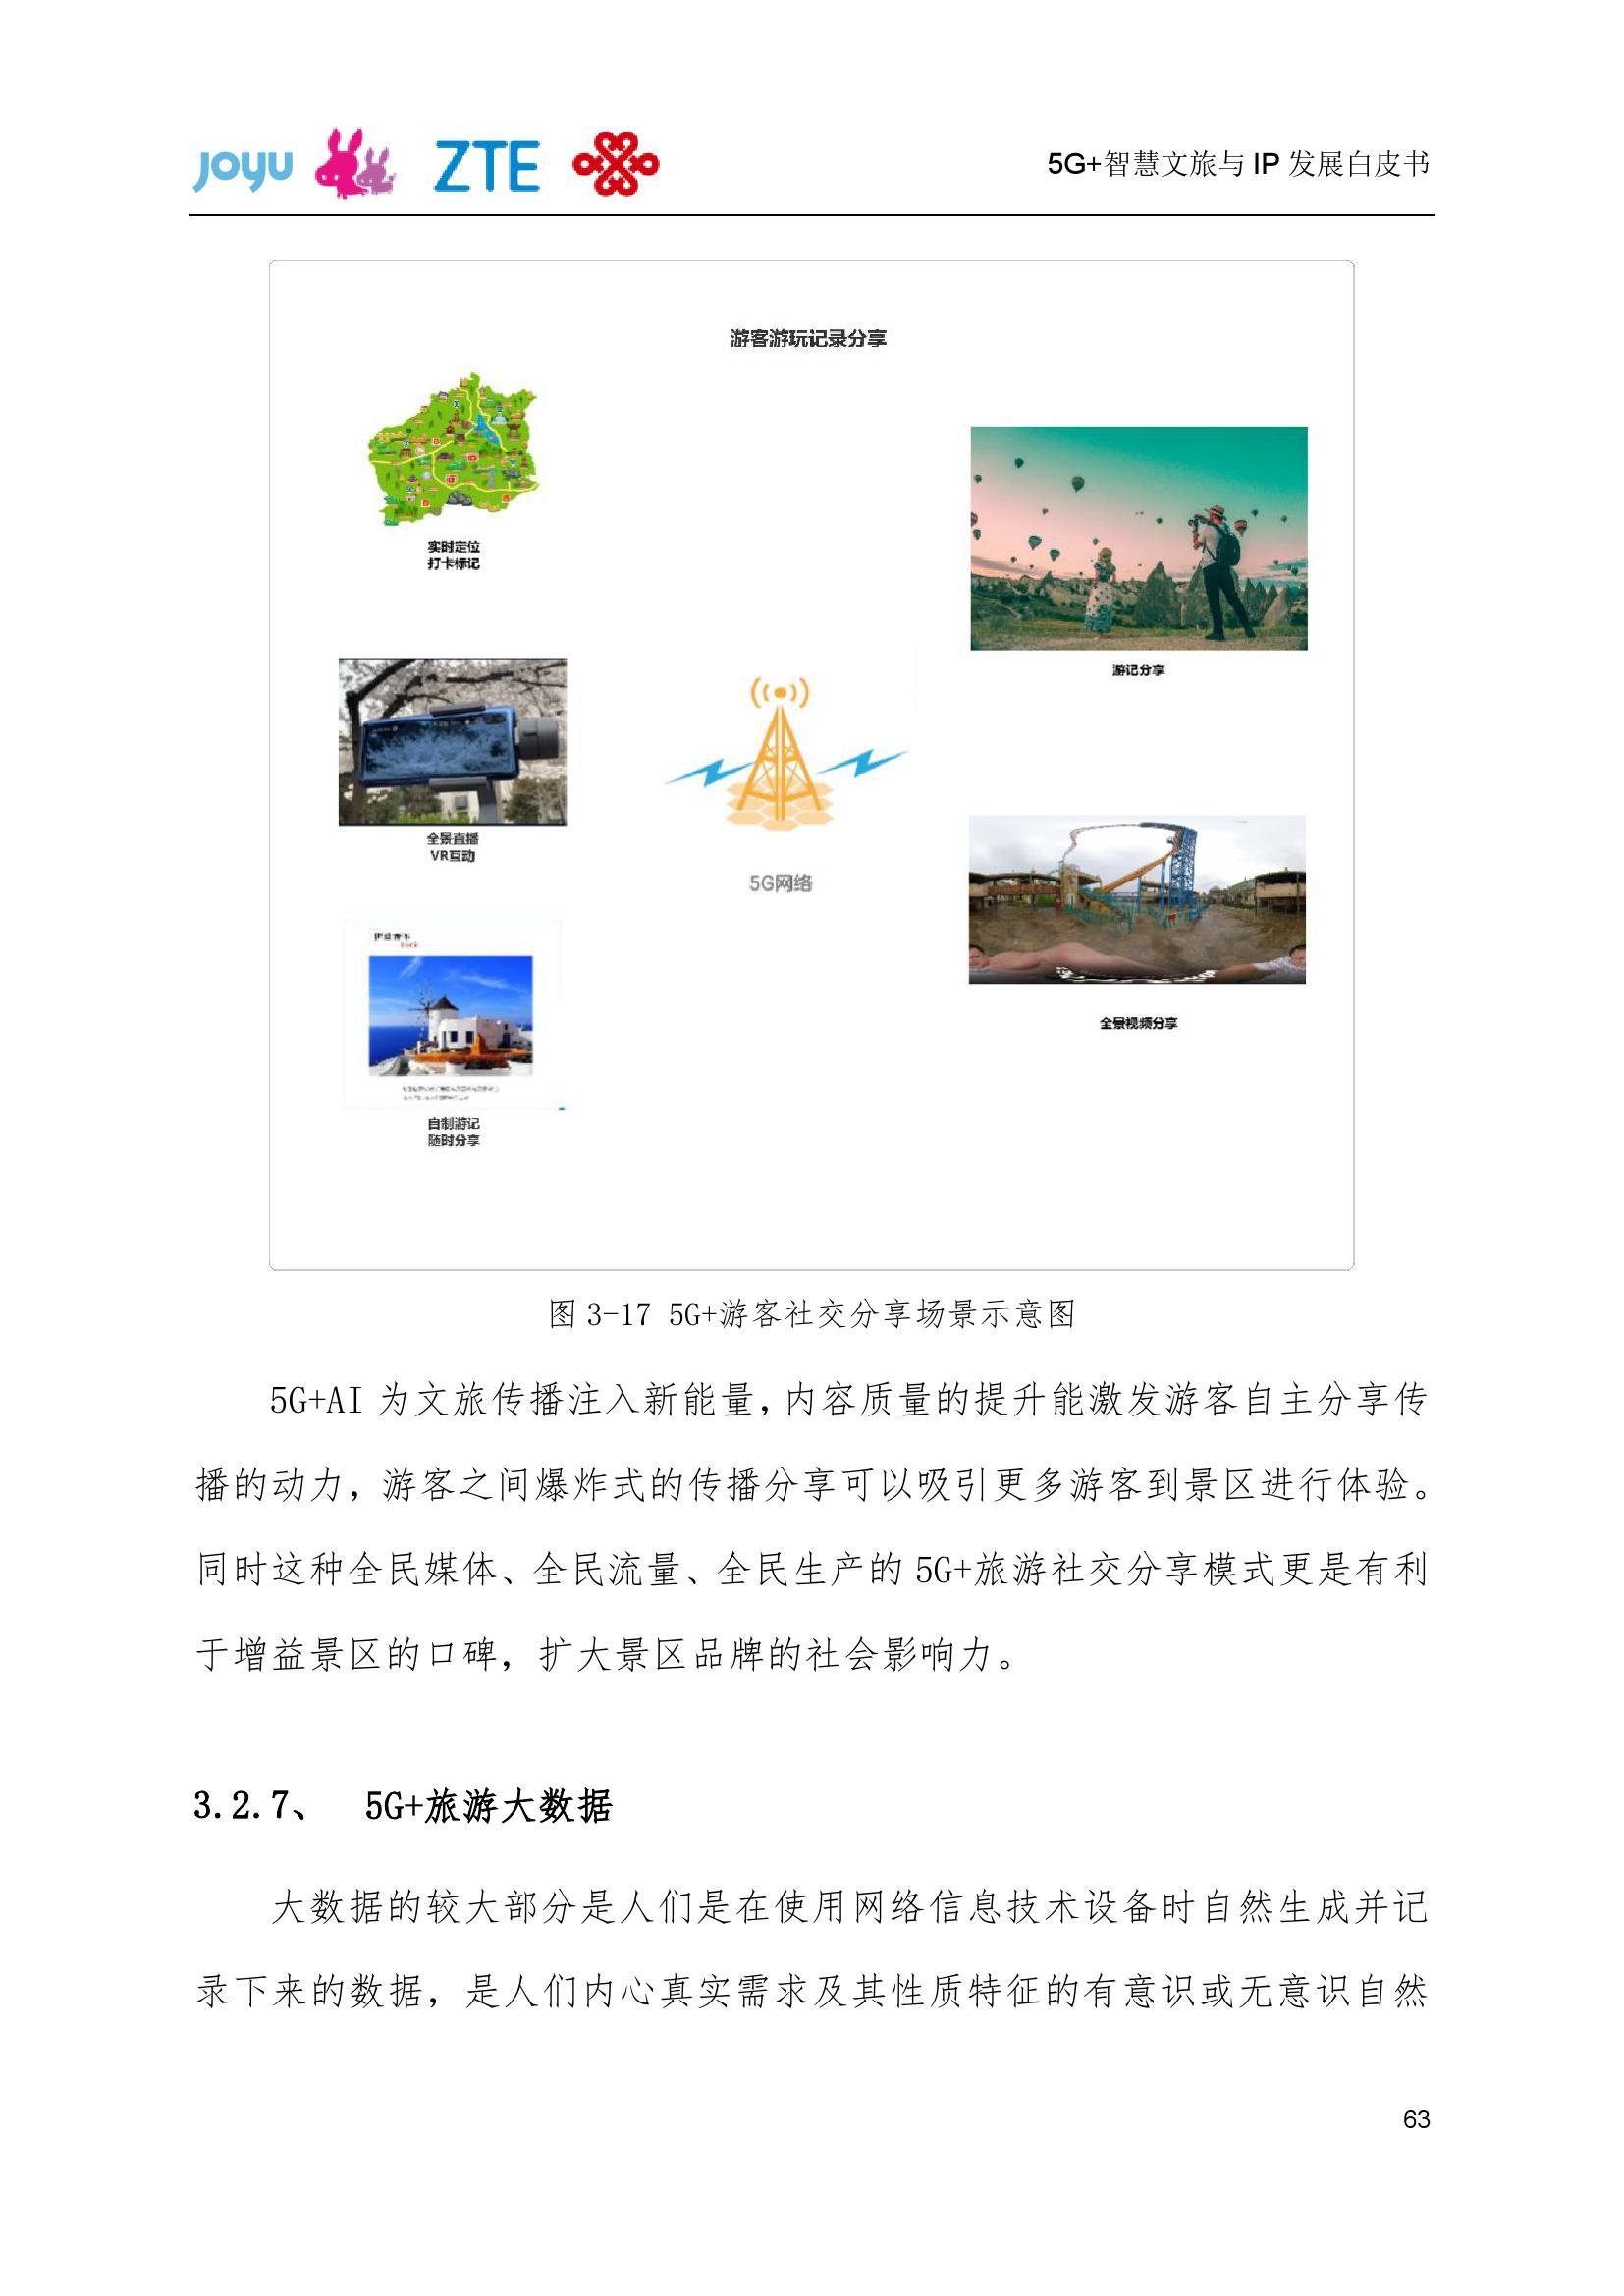 中兴通讯:《5G+智慧文旅与IP发展白皮书》(PPT)